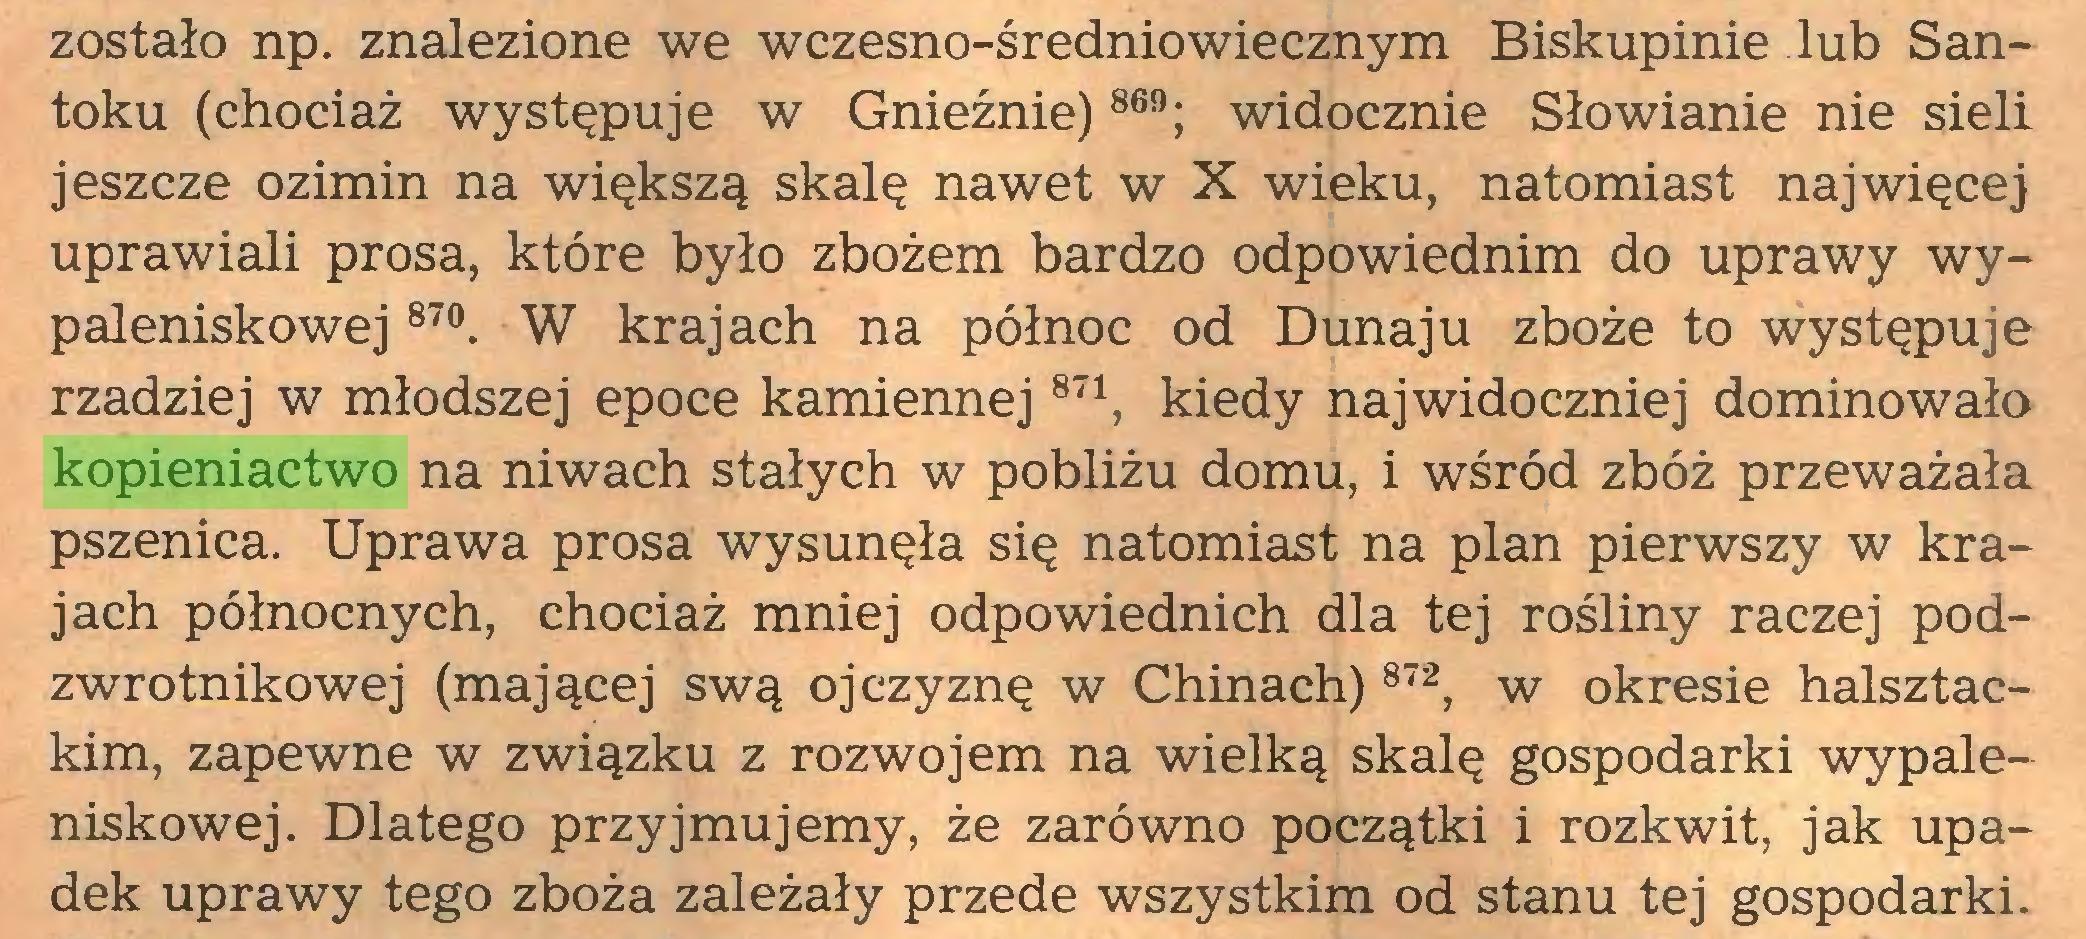 (...) zostało np. znalezione we wczesno-średniowiecznym Biskupinie lub Santoku (chociaż występuje w Gnieźnie) 869; widocznie Słowianie nie sieli jeszcze ozimin na większą skalę nawet w X wieku, natomiast najwięcej uprawiali prosa, które było zbożem bardzo odpowiednim do uprawy wypaleniskowej 87°. W krajach na północ od Dunaju zboże to występuje rzadziej w młodszej epoce kamiennej871, kiedy najwidoczniej dominowało kopieniactwo na niwach stałych w pobliżu domu, i wśród zbóż przeważała pszenica. Uprawa prosa wysunęła się natomiast na plan pierwszy w krajach północnych, chociaż mniej odpowiednich dla tej rośliny raczej podzwrotnikowej (mającej swą ojczyznę w Chinach) 872, w okresie halsztackim, zapewne w związku z rozwojem na wielką skalę gospodarki wypaleniskowej. Dlatego przyjmujemy, że zarówno początki i rozkwit, jak upadek uprawy tego zboża zależały przede wszystkim od stanu tej gospodarki...